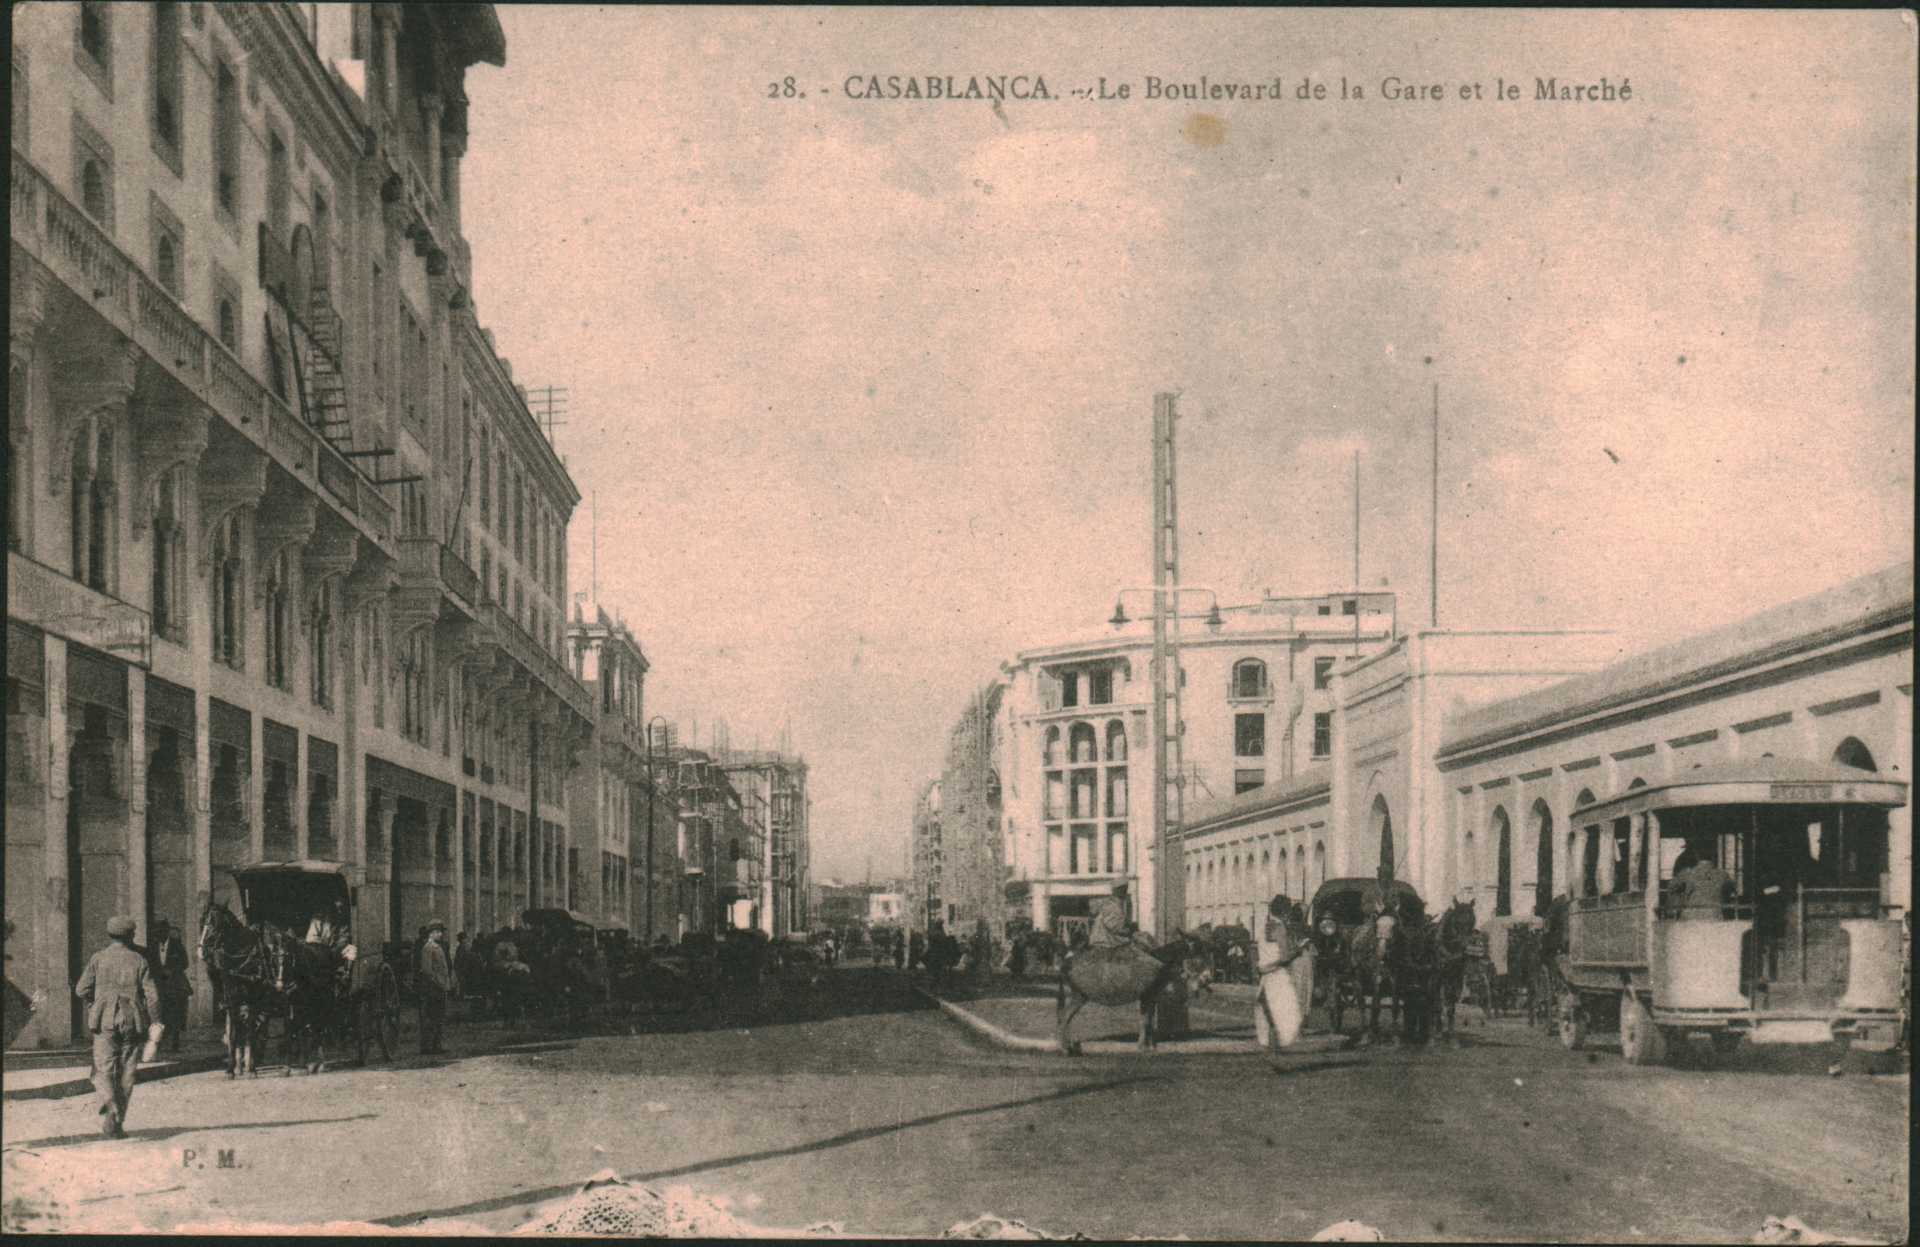 28. Casablanca – Le Boulevard de la Gare et le Marche